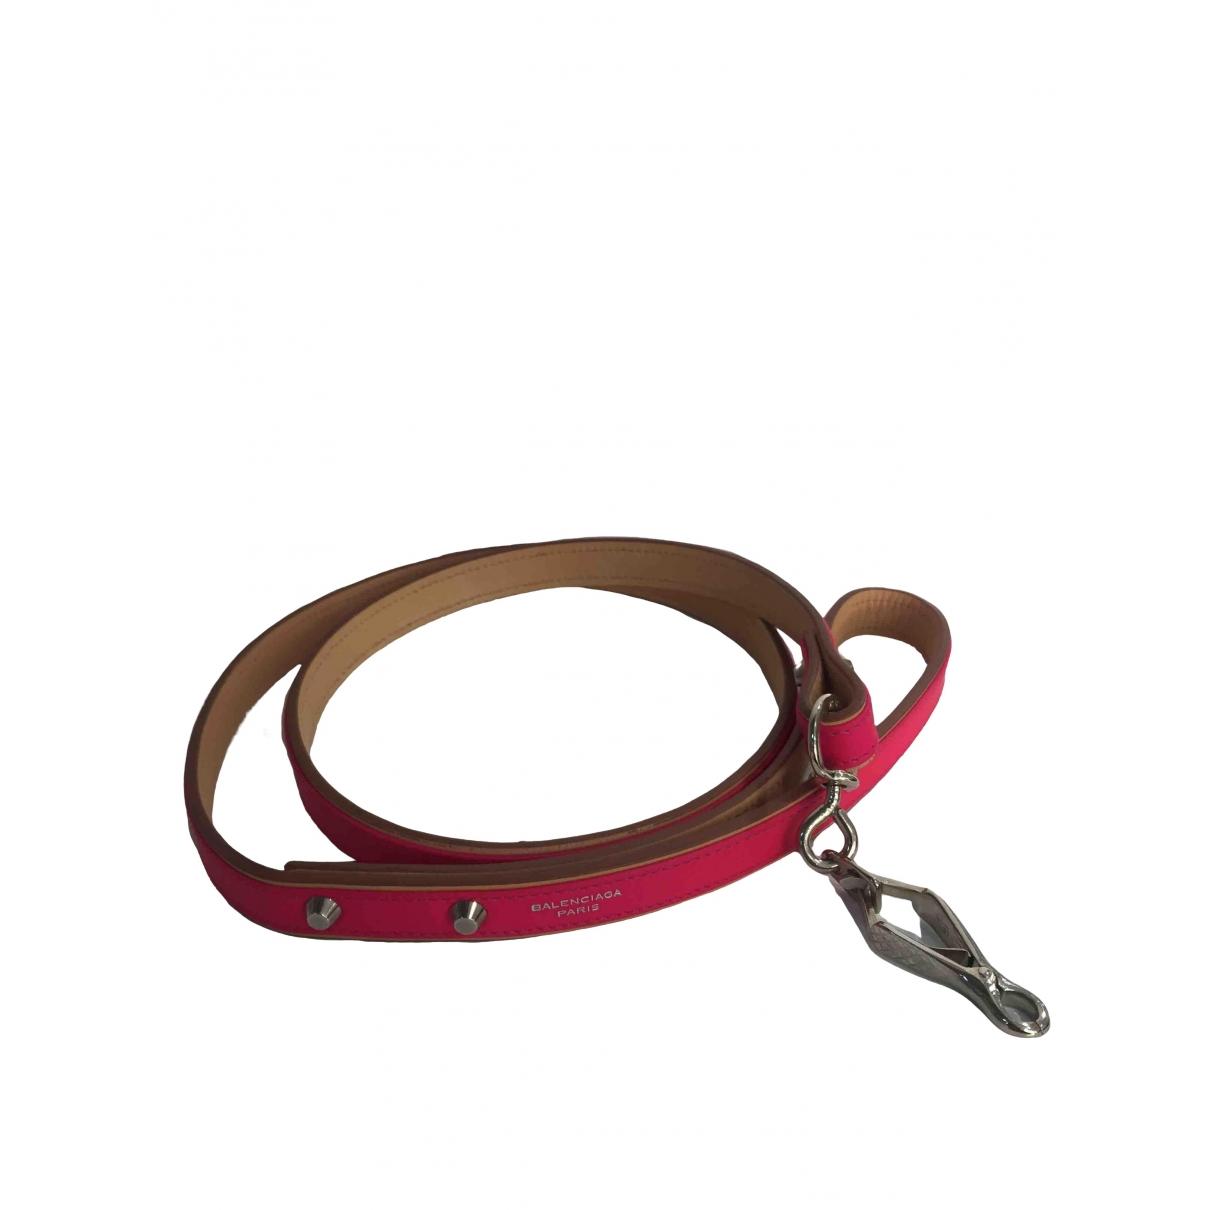 Balenciaga - Accessoires   pour lifestyle en coton - rose